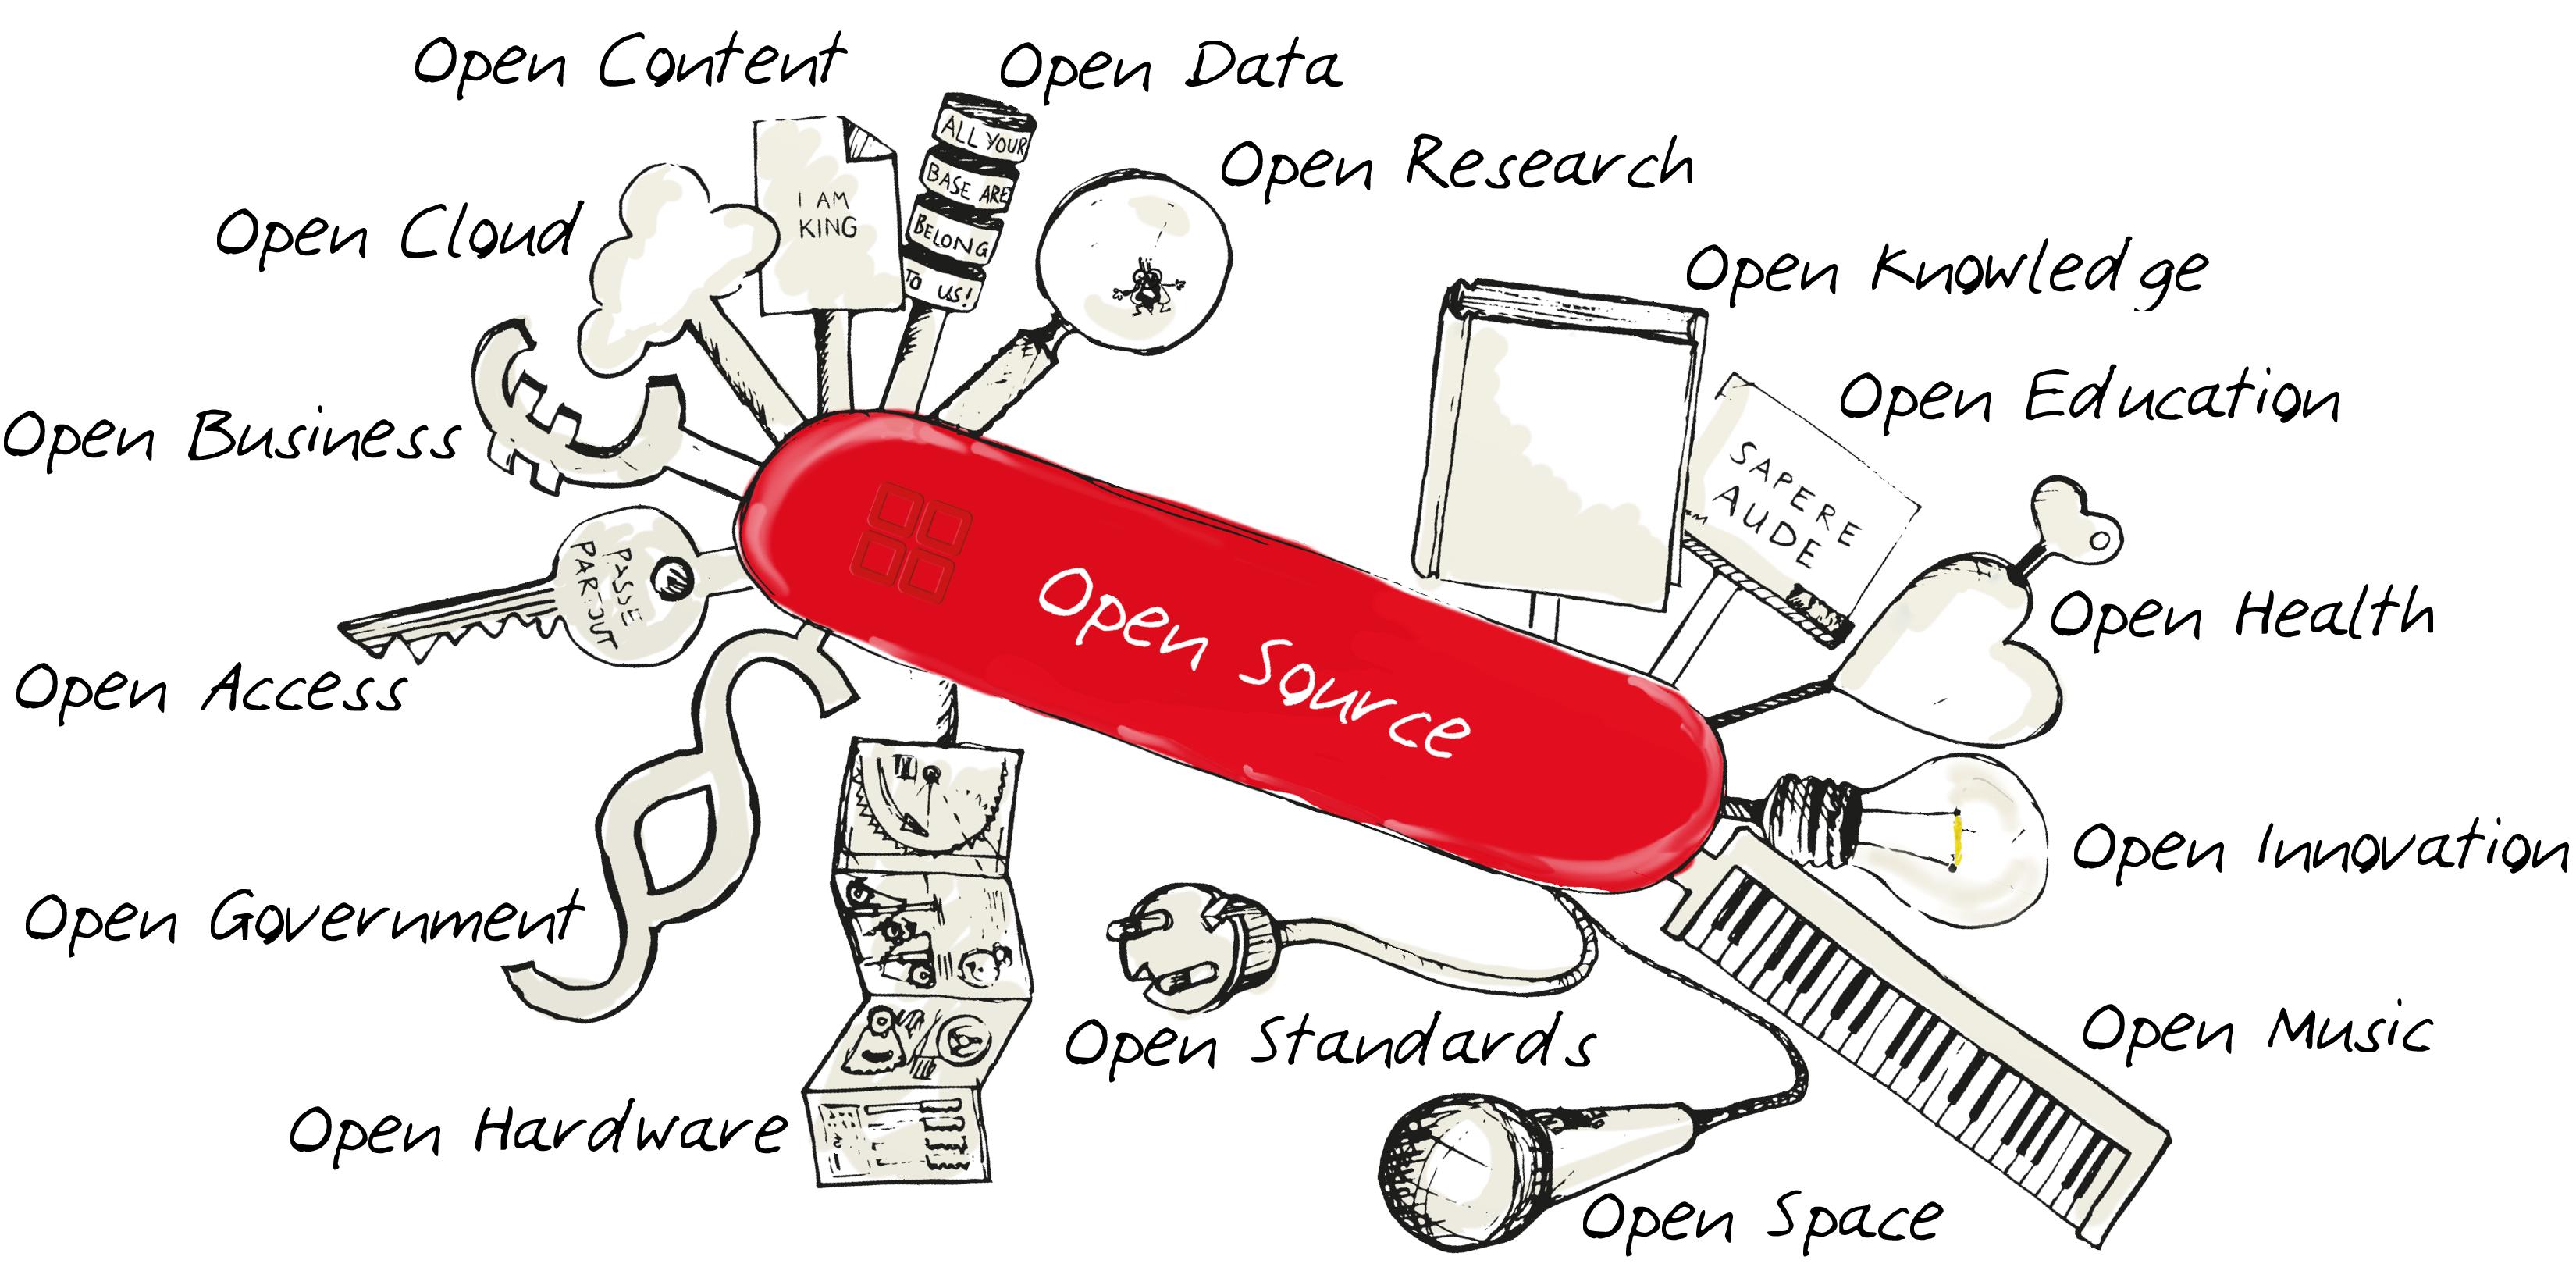 L'elasticità dell'open source: una risorsa completa